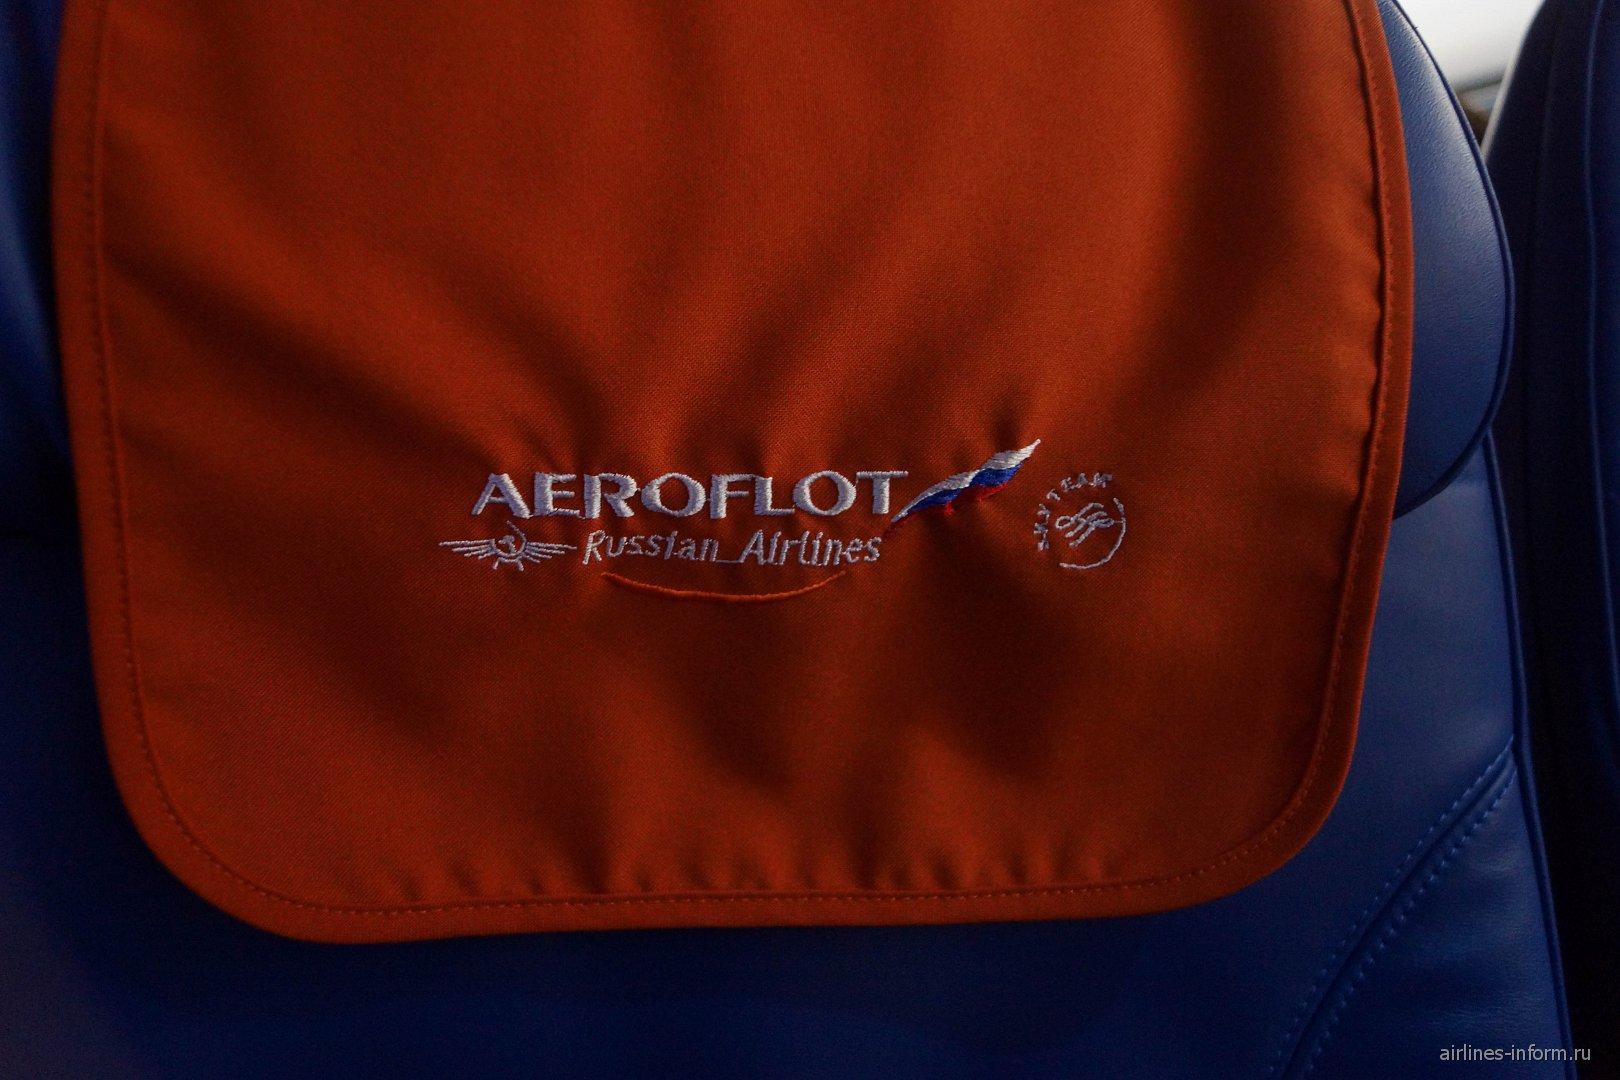 Подголовник с логотипом авиакомпании